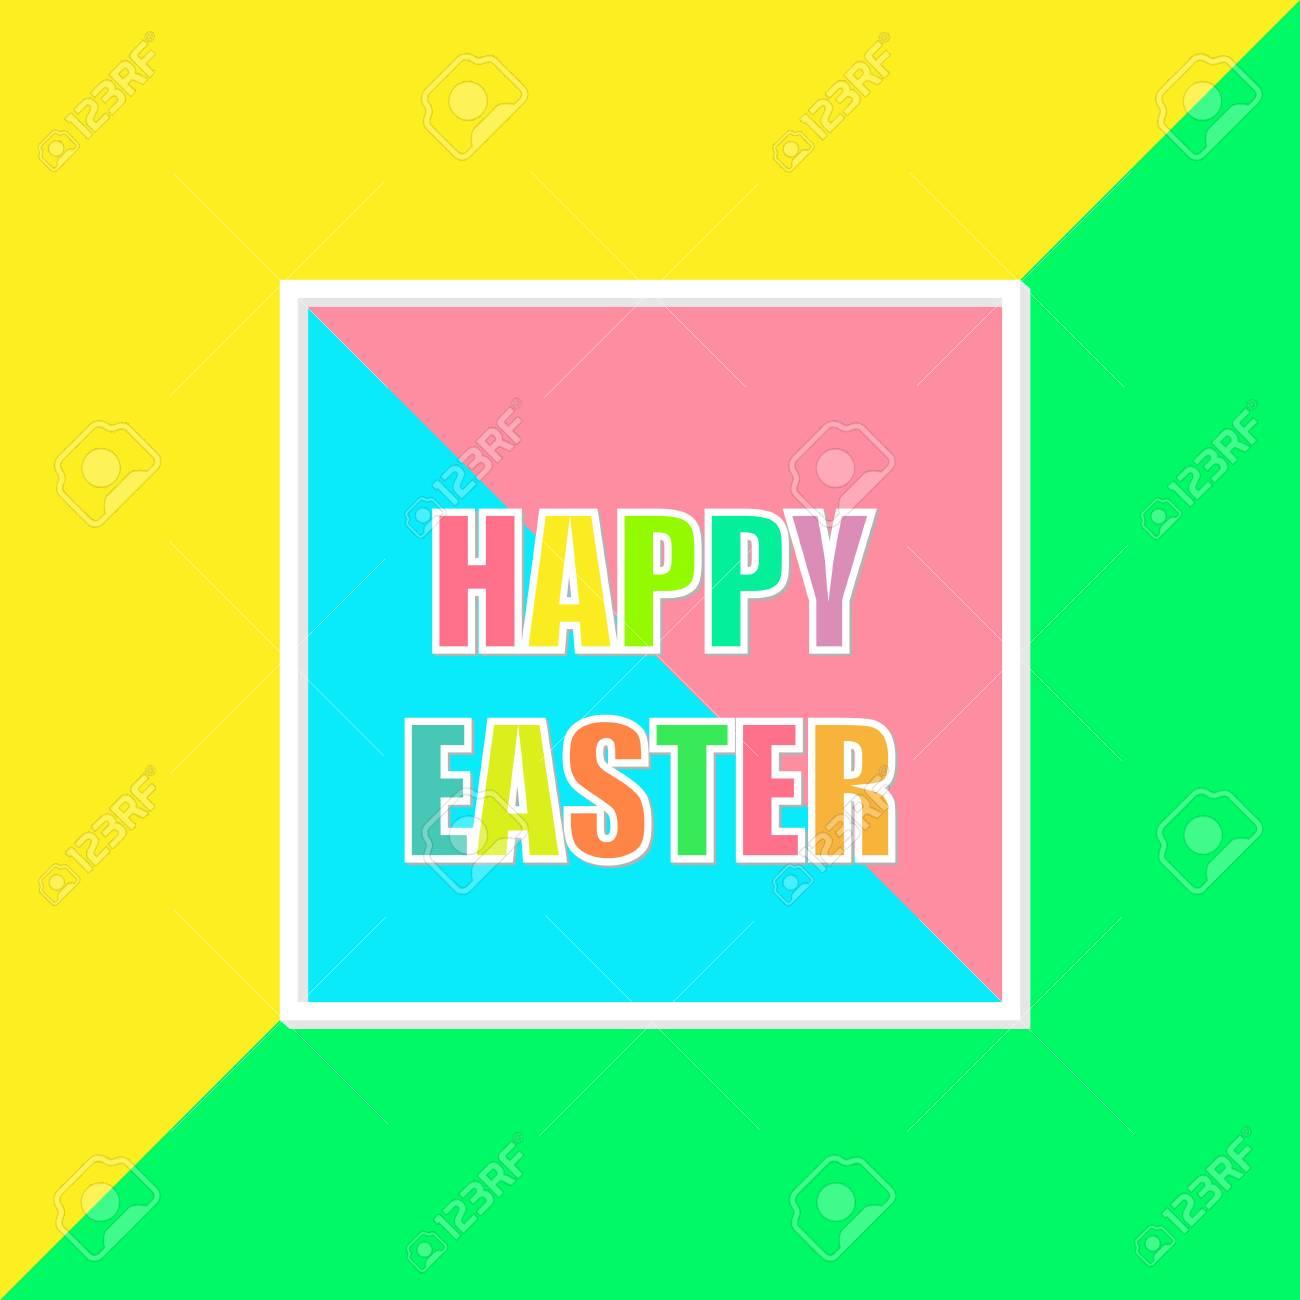 Feliz Fondo Colorido Mosaico De Pascua. Plantilla De Diseño De ...